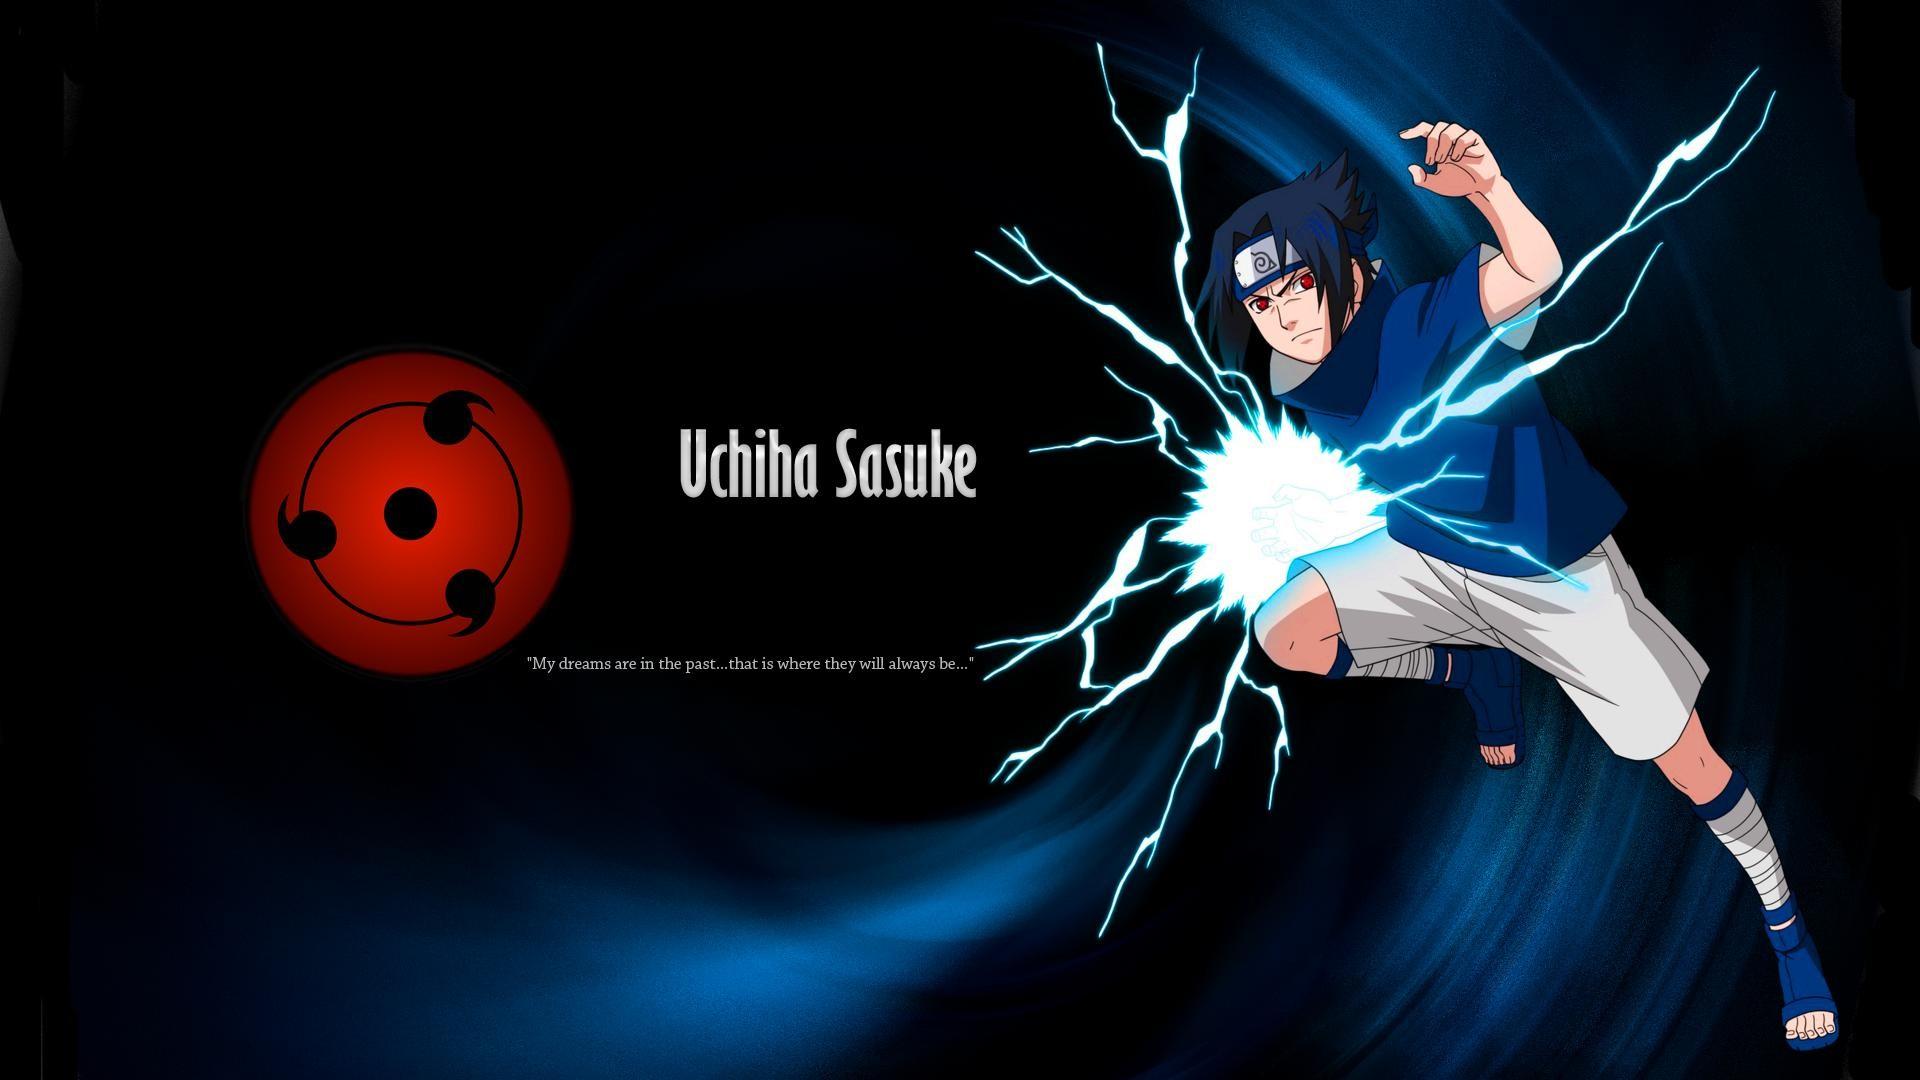 Uchiha Sasuke Wallpaper Shippuden 53 Pictures